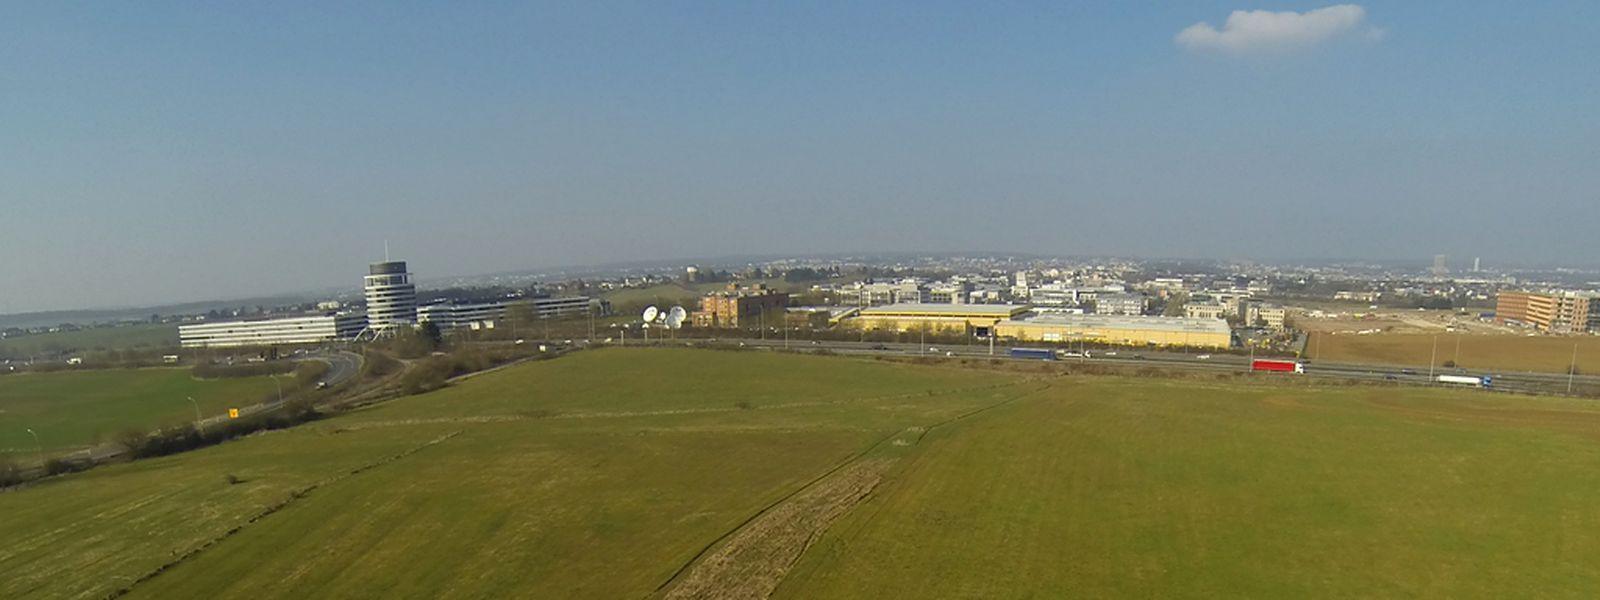 Das Stadion wird auf der Cloche d'Or, in direkter Nähe zur Autobahn, errichtet.